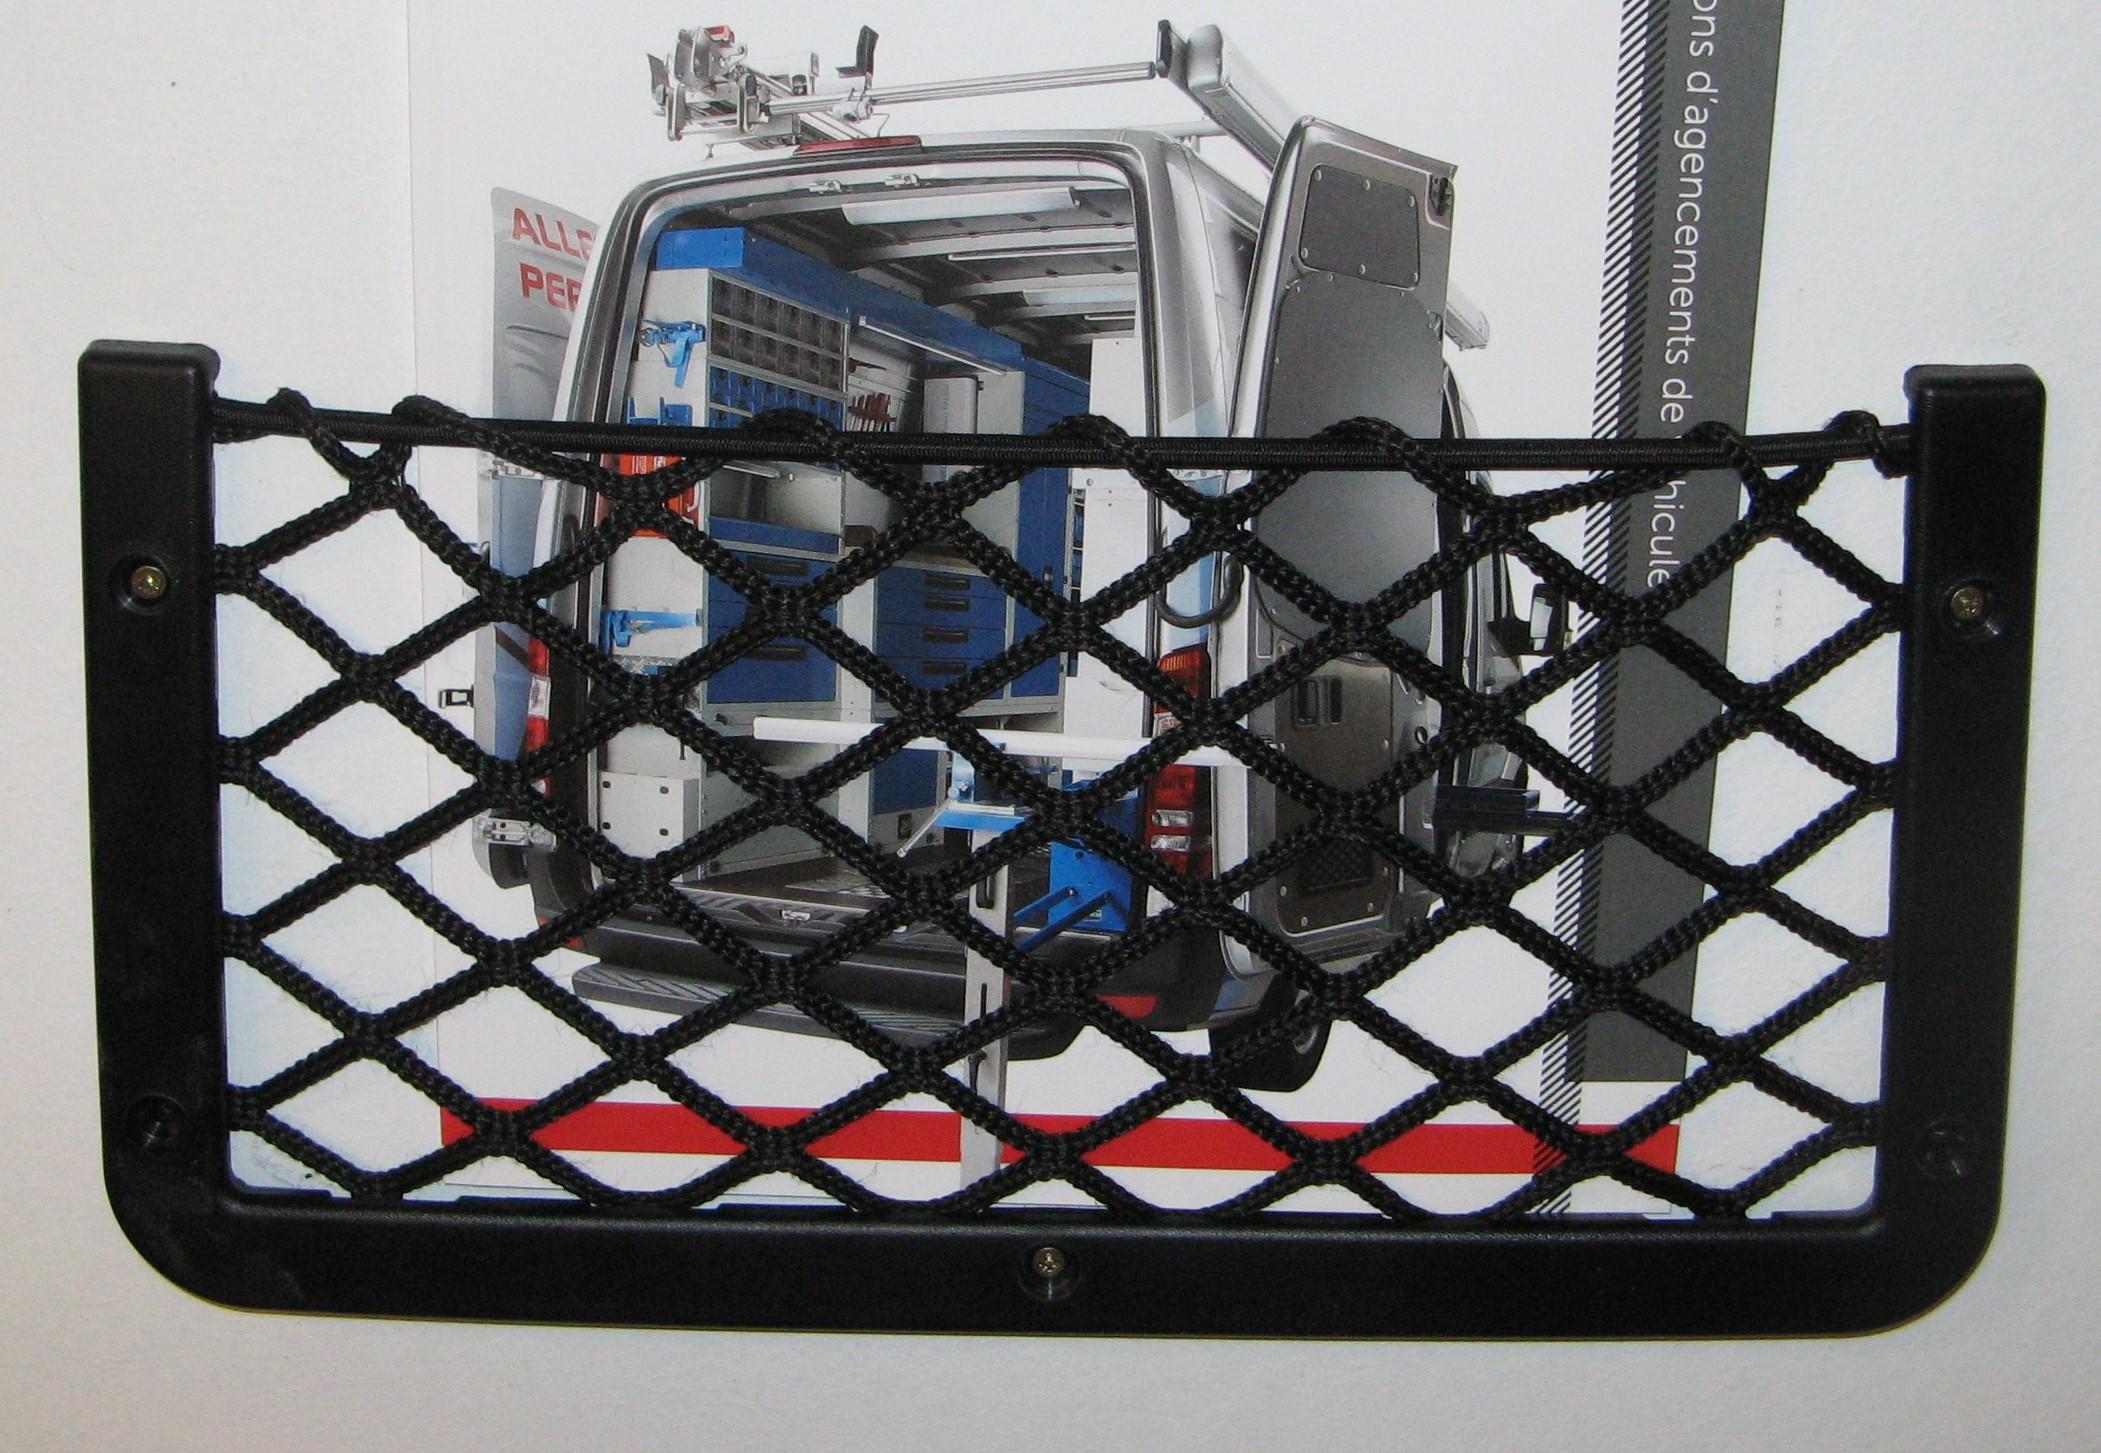 Filet de rangement - RETE35 - EQUIPVAN pour véhicule utilitaire